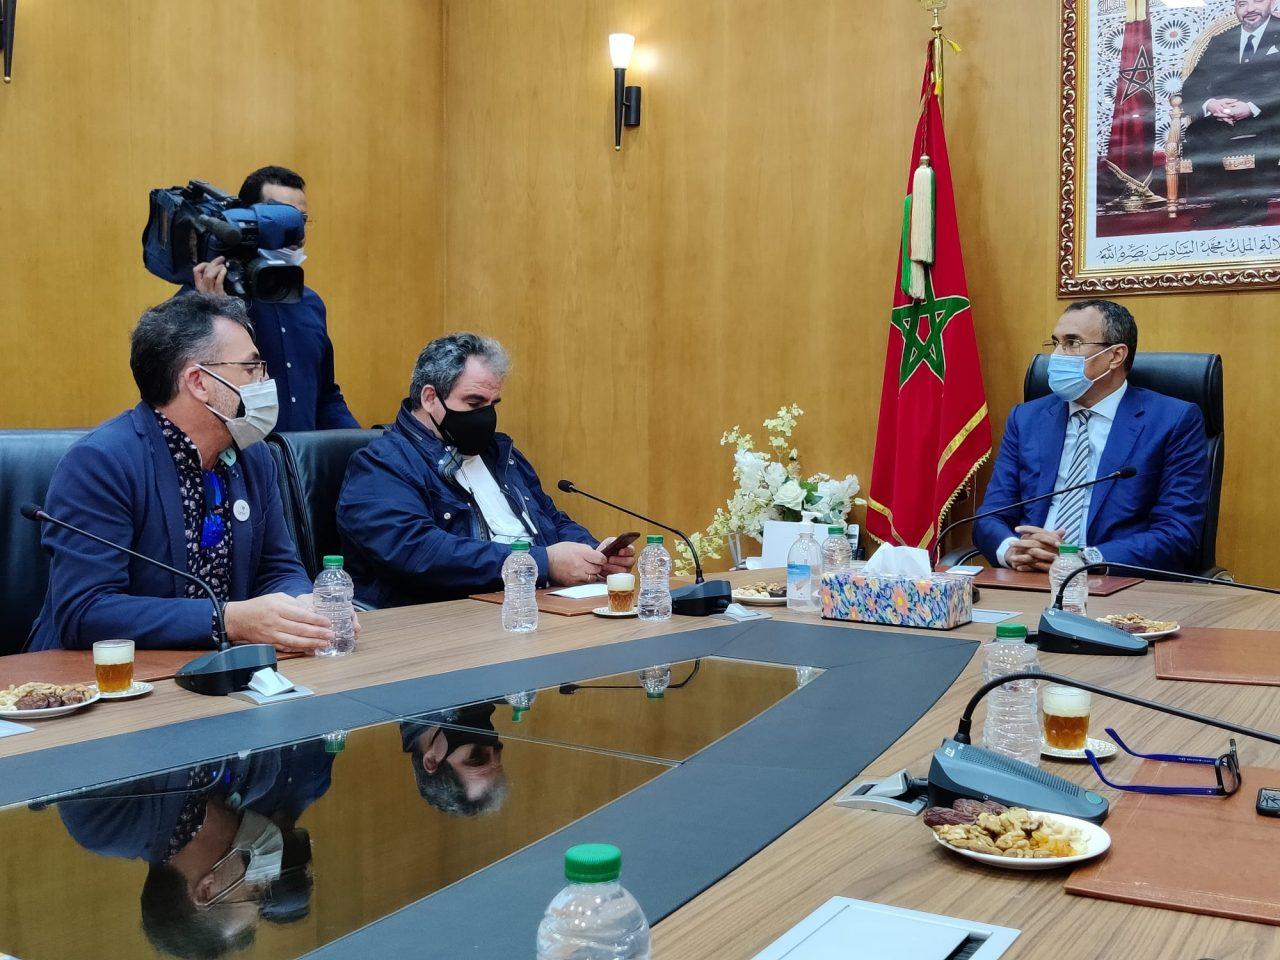 Reunión presidente Dakhla